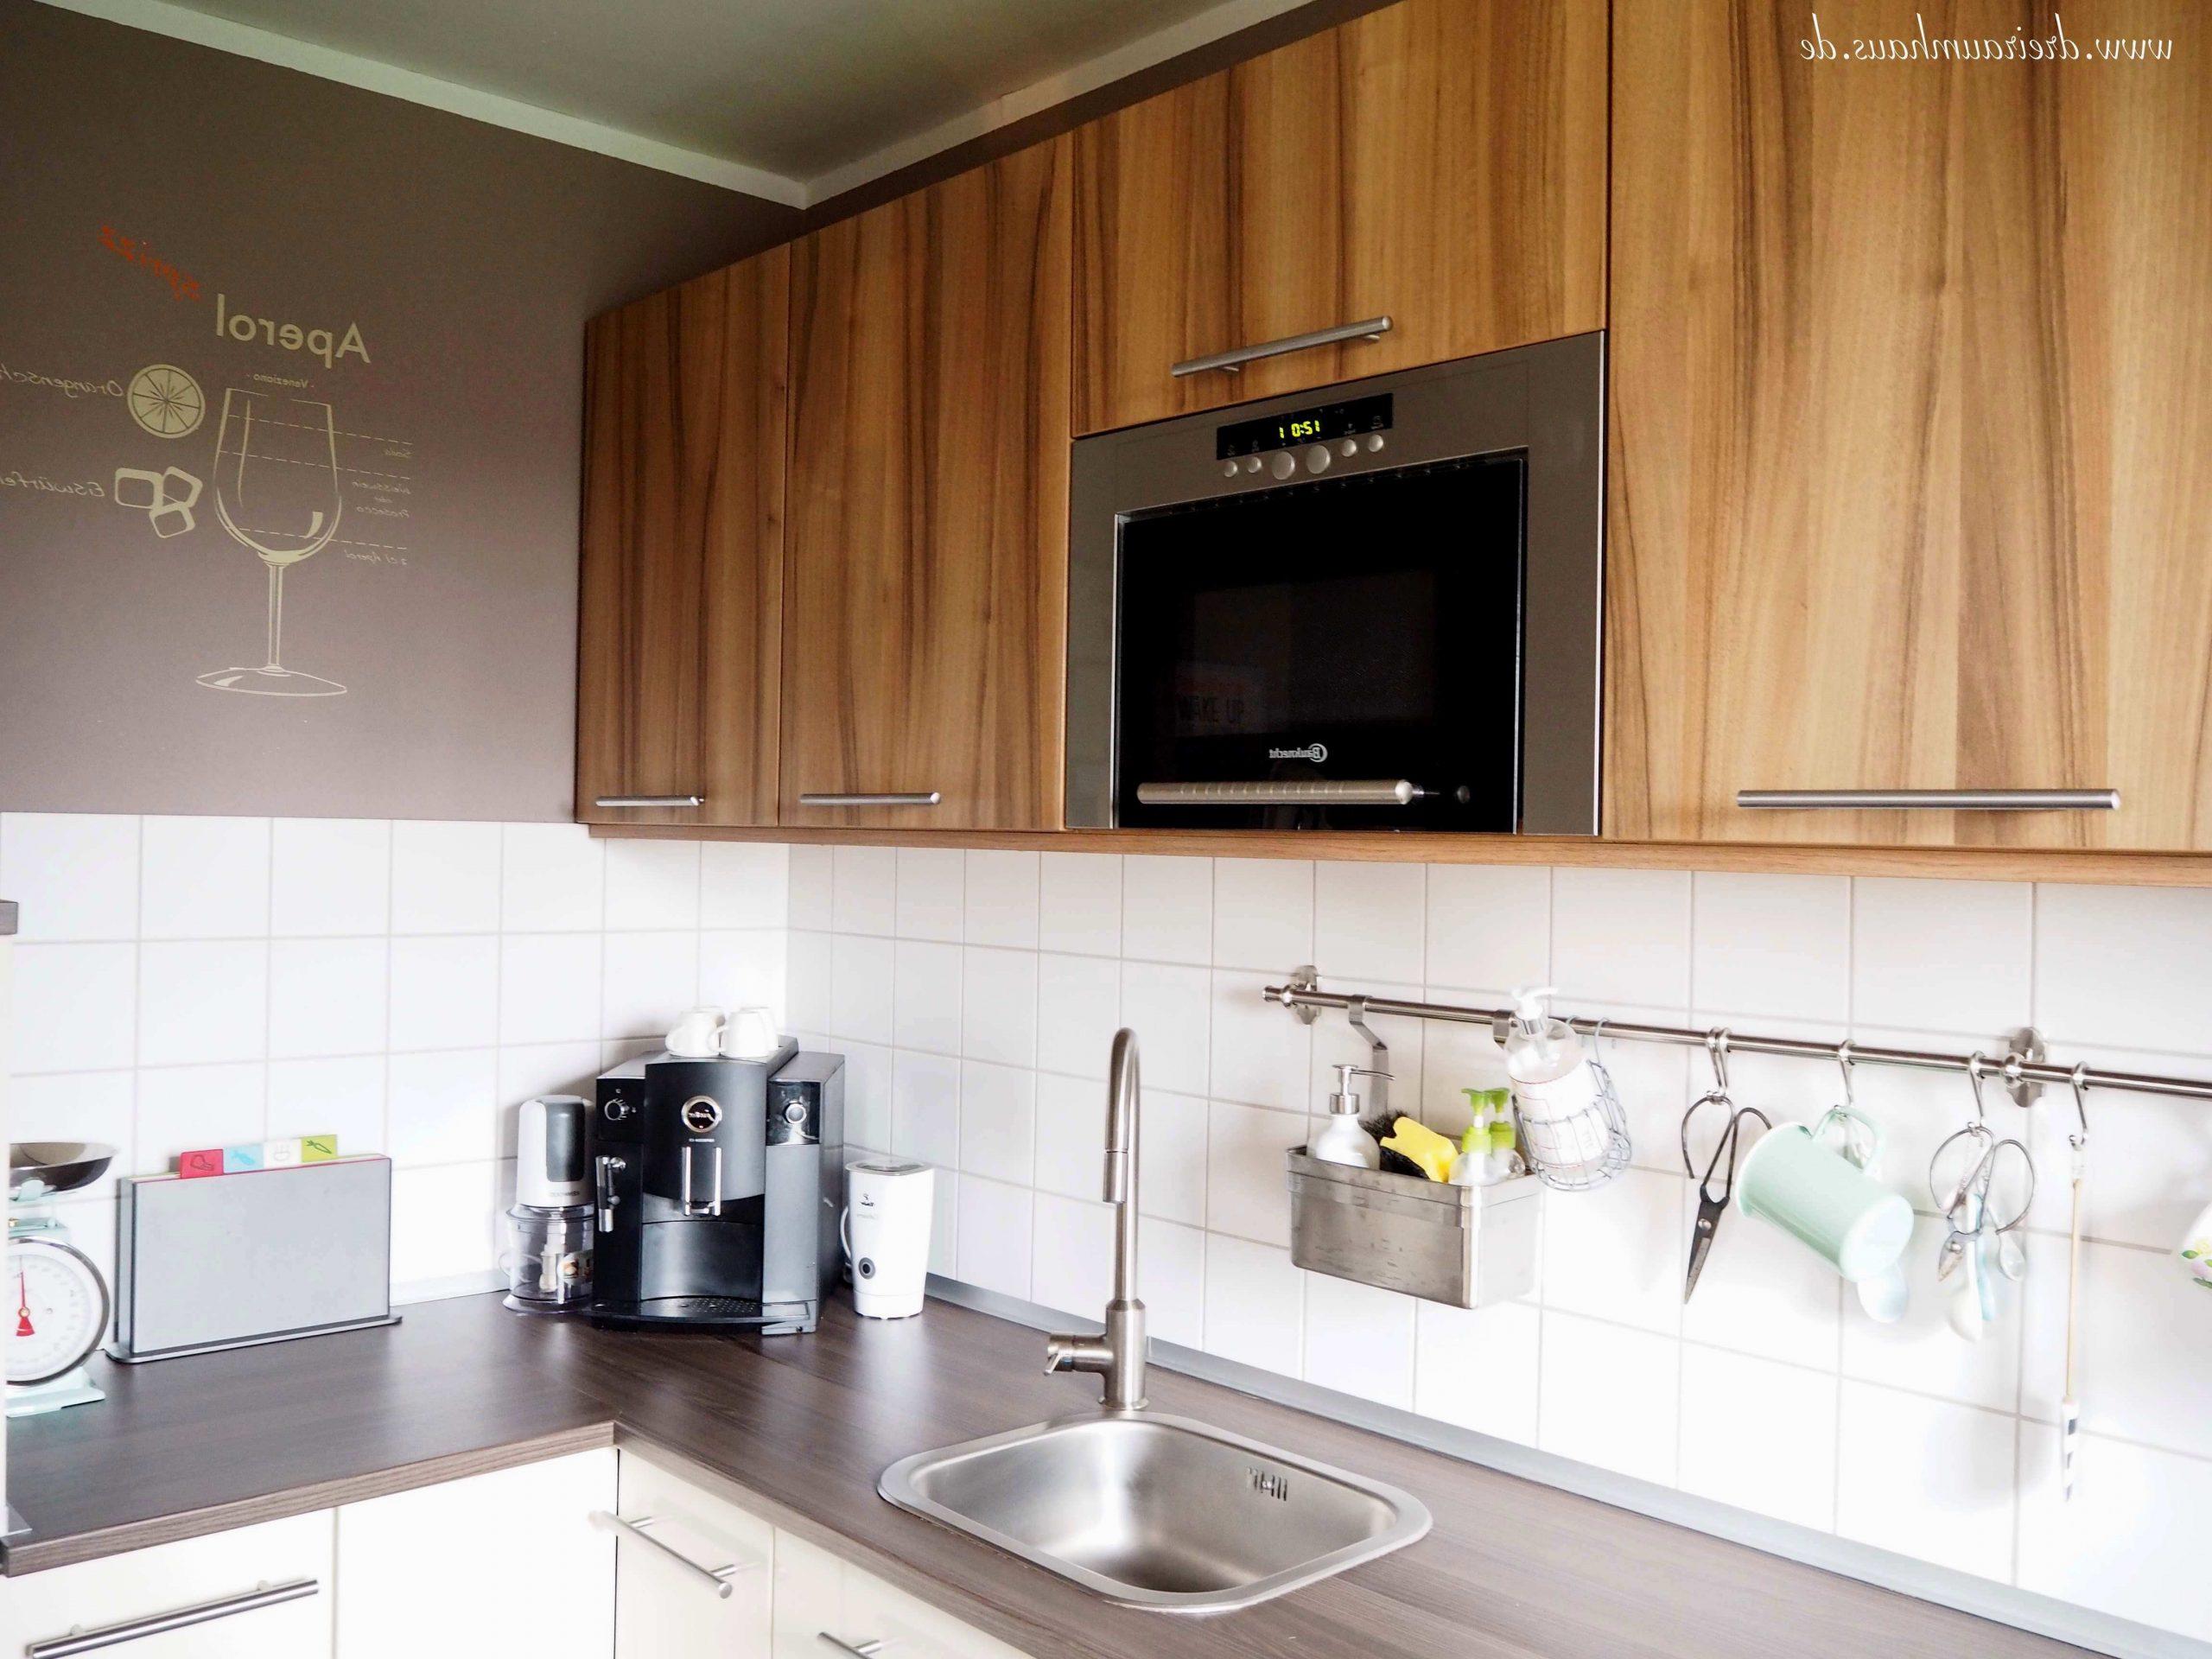 Full Size of Fliesenspiegel Küche Glas Kche Selber Machen Frisch Wandverkleidung Waschbecken Möbelgriffe Einbauküche Bauen Komplettküche Landhaus Aufbewahrungssystem Küche Fliesenspiegel Küche Glas